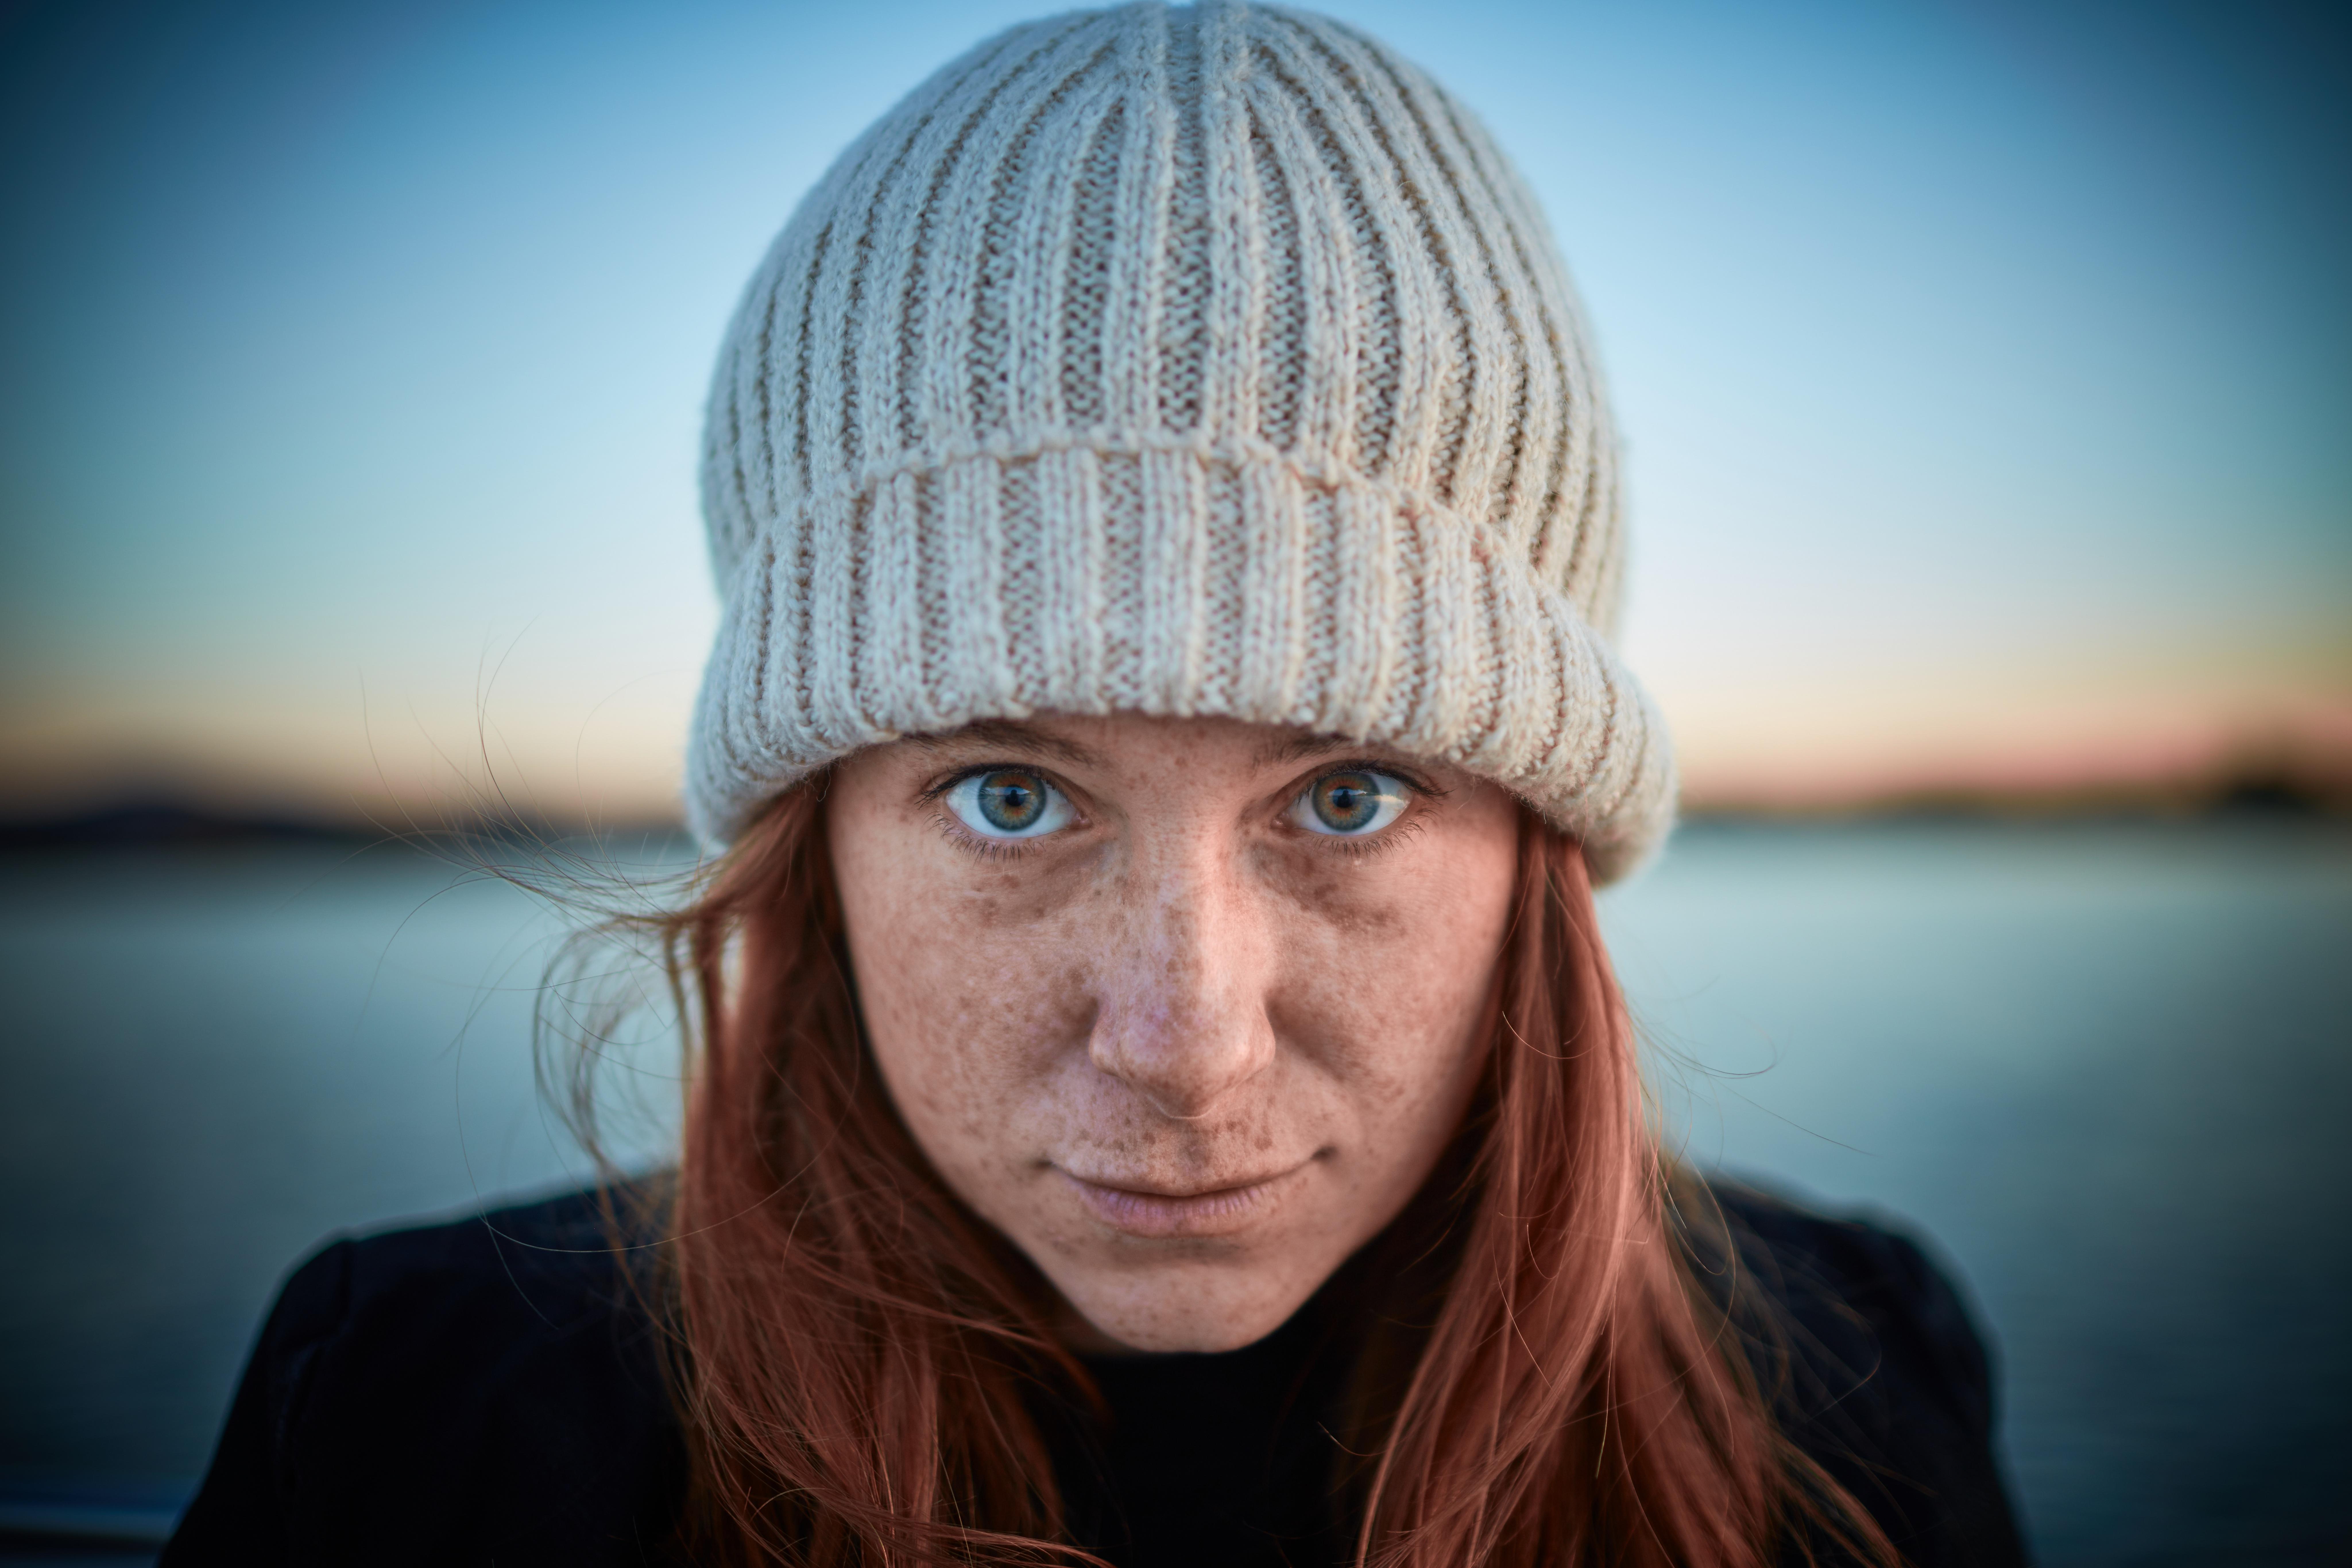 lány nő haj fényképezés női portré modell szín kalap kék ruházat hölgy  fejfedő mosoly micisapka arc 5fea9eca2b